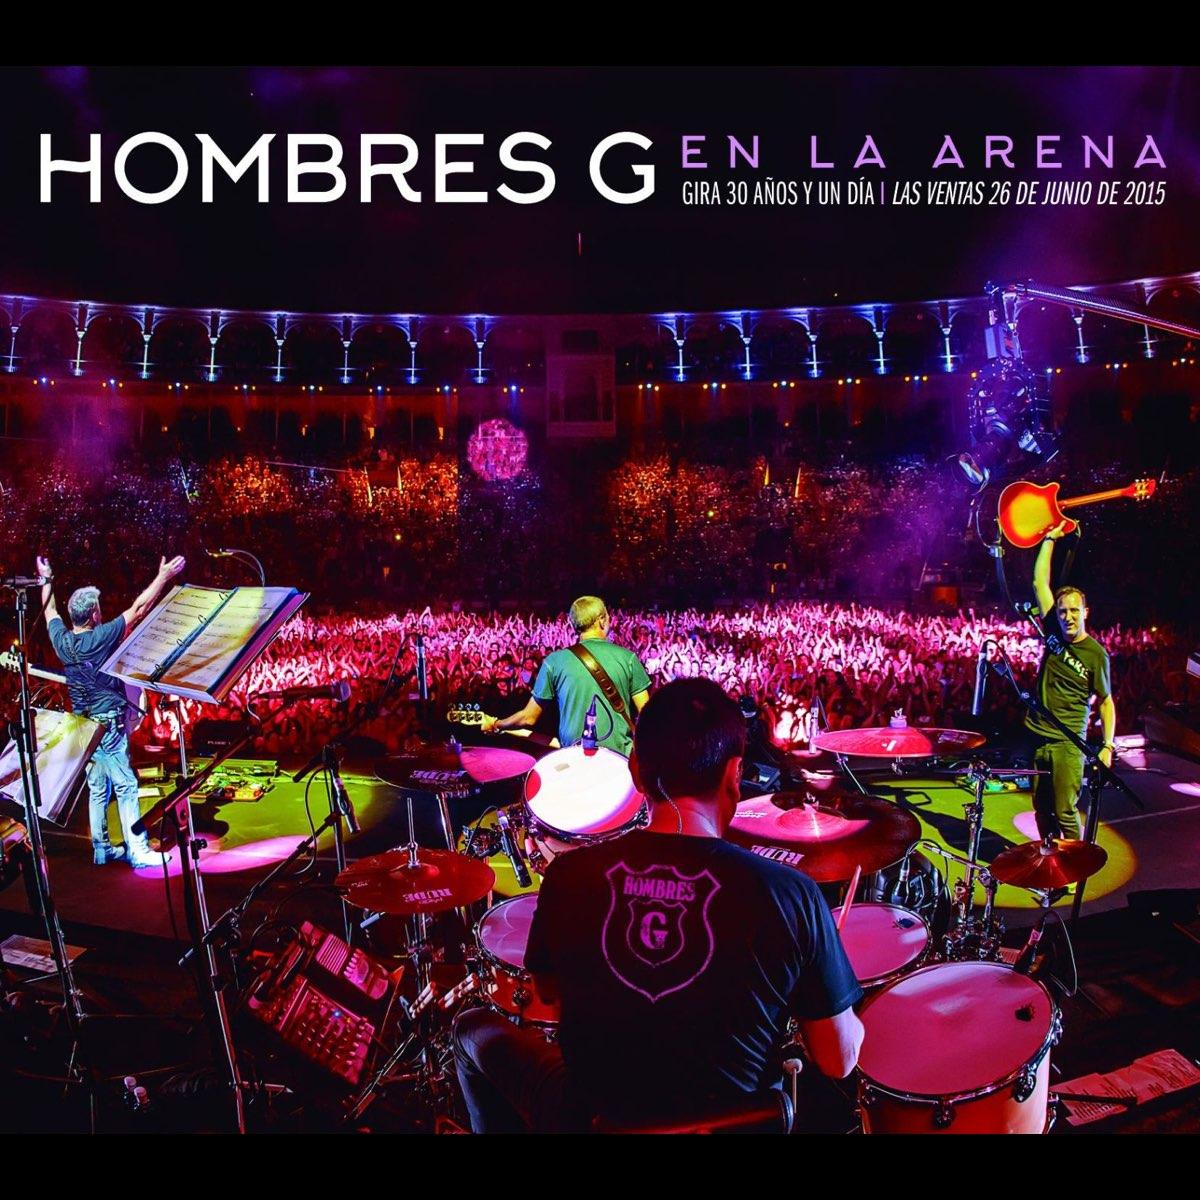 Hombres G - En La Arena. Gira 30 Años Y Un Día. Las Ventas 26 De Junio De 2015 2CDs